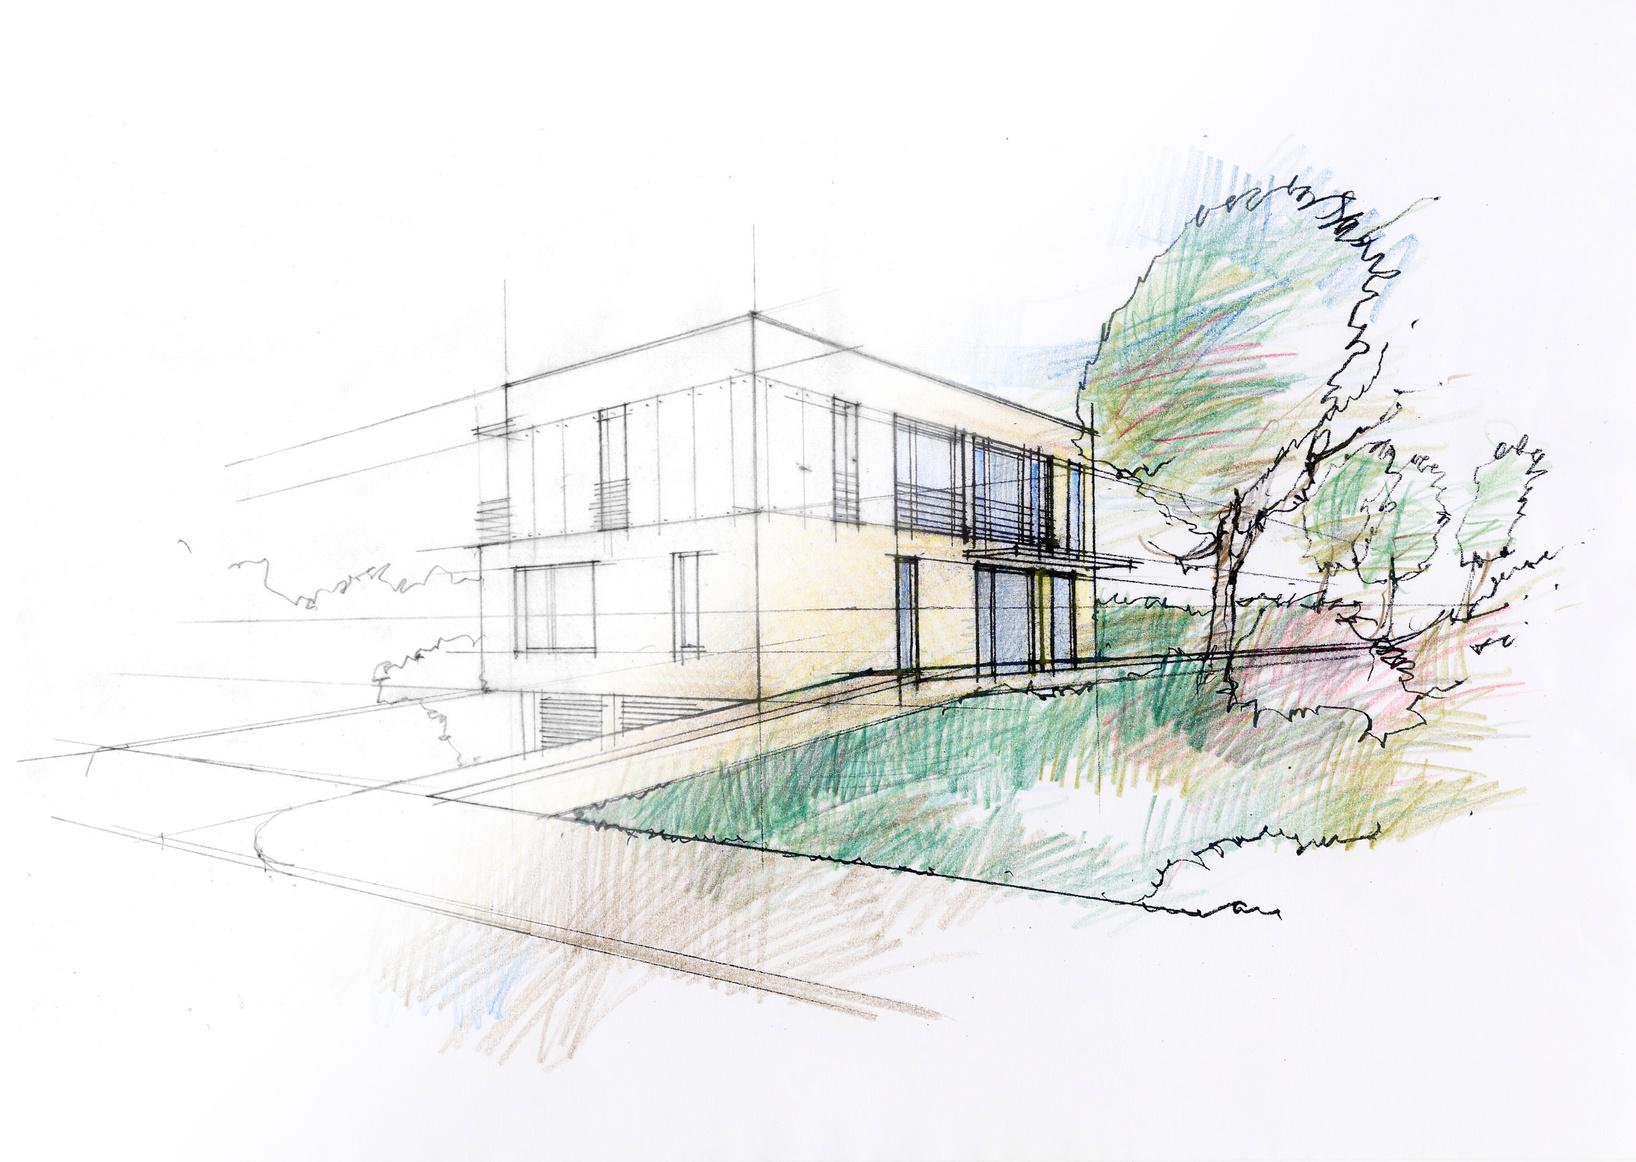 Metier pour construire une maison ventana blog for Budget pour construire sa maison